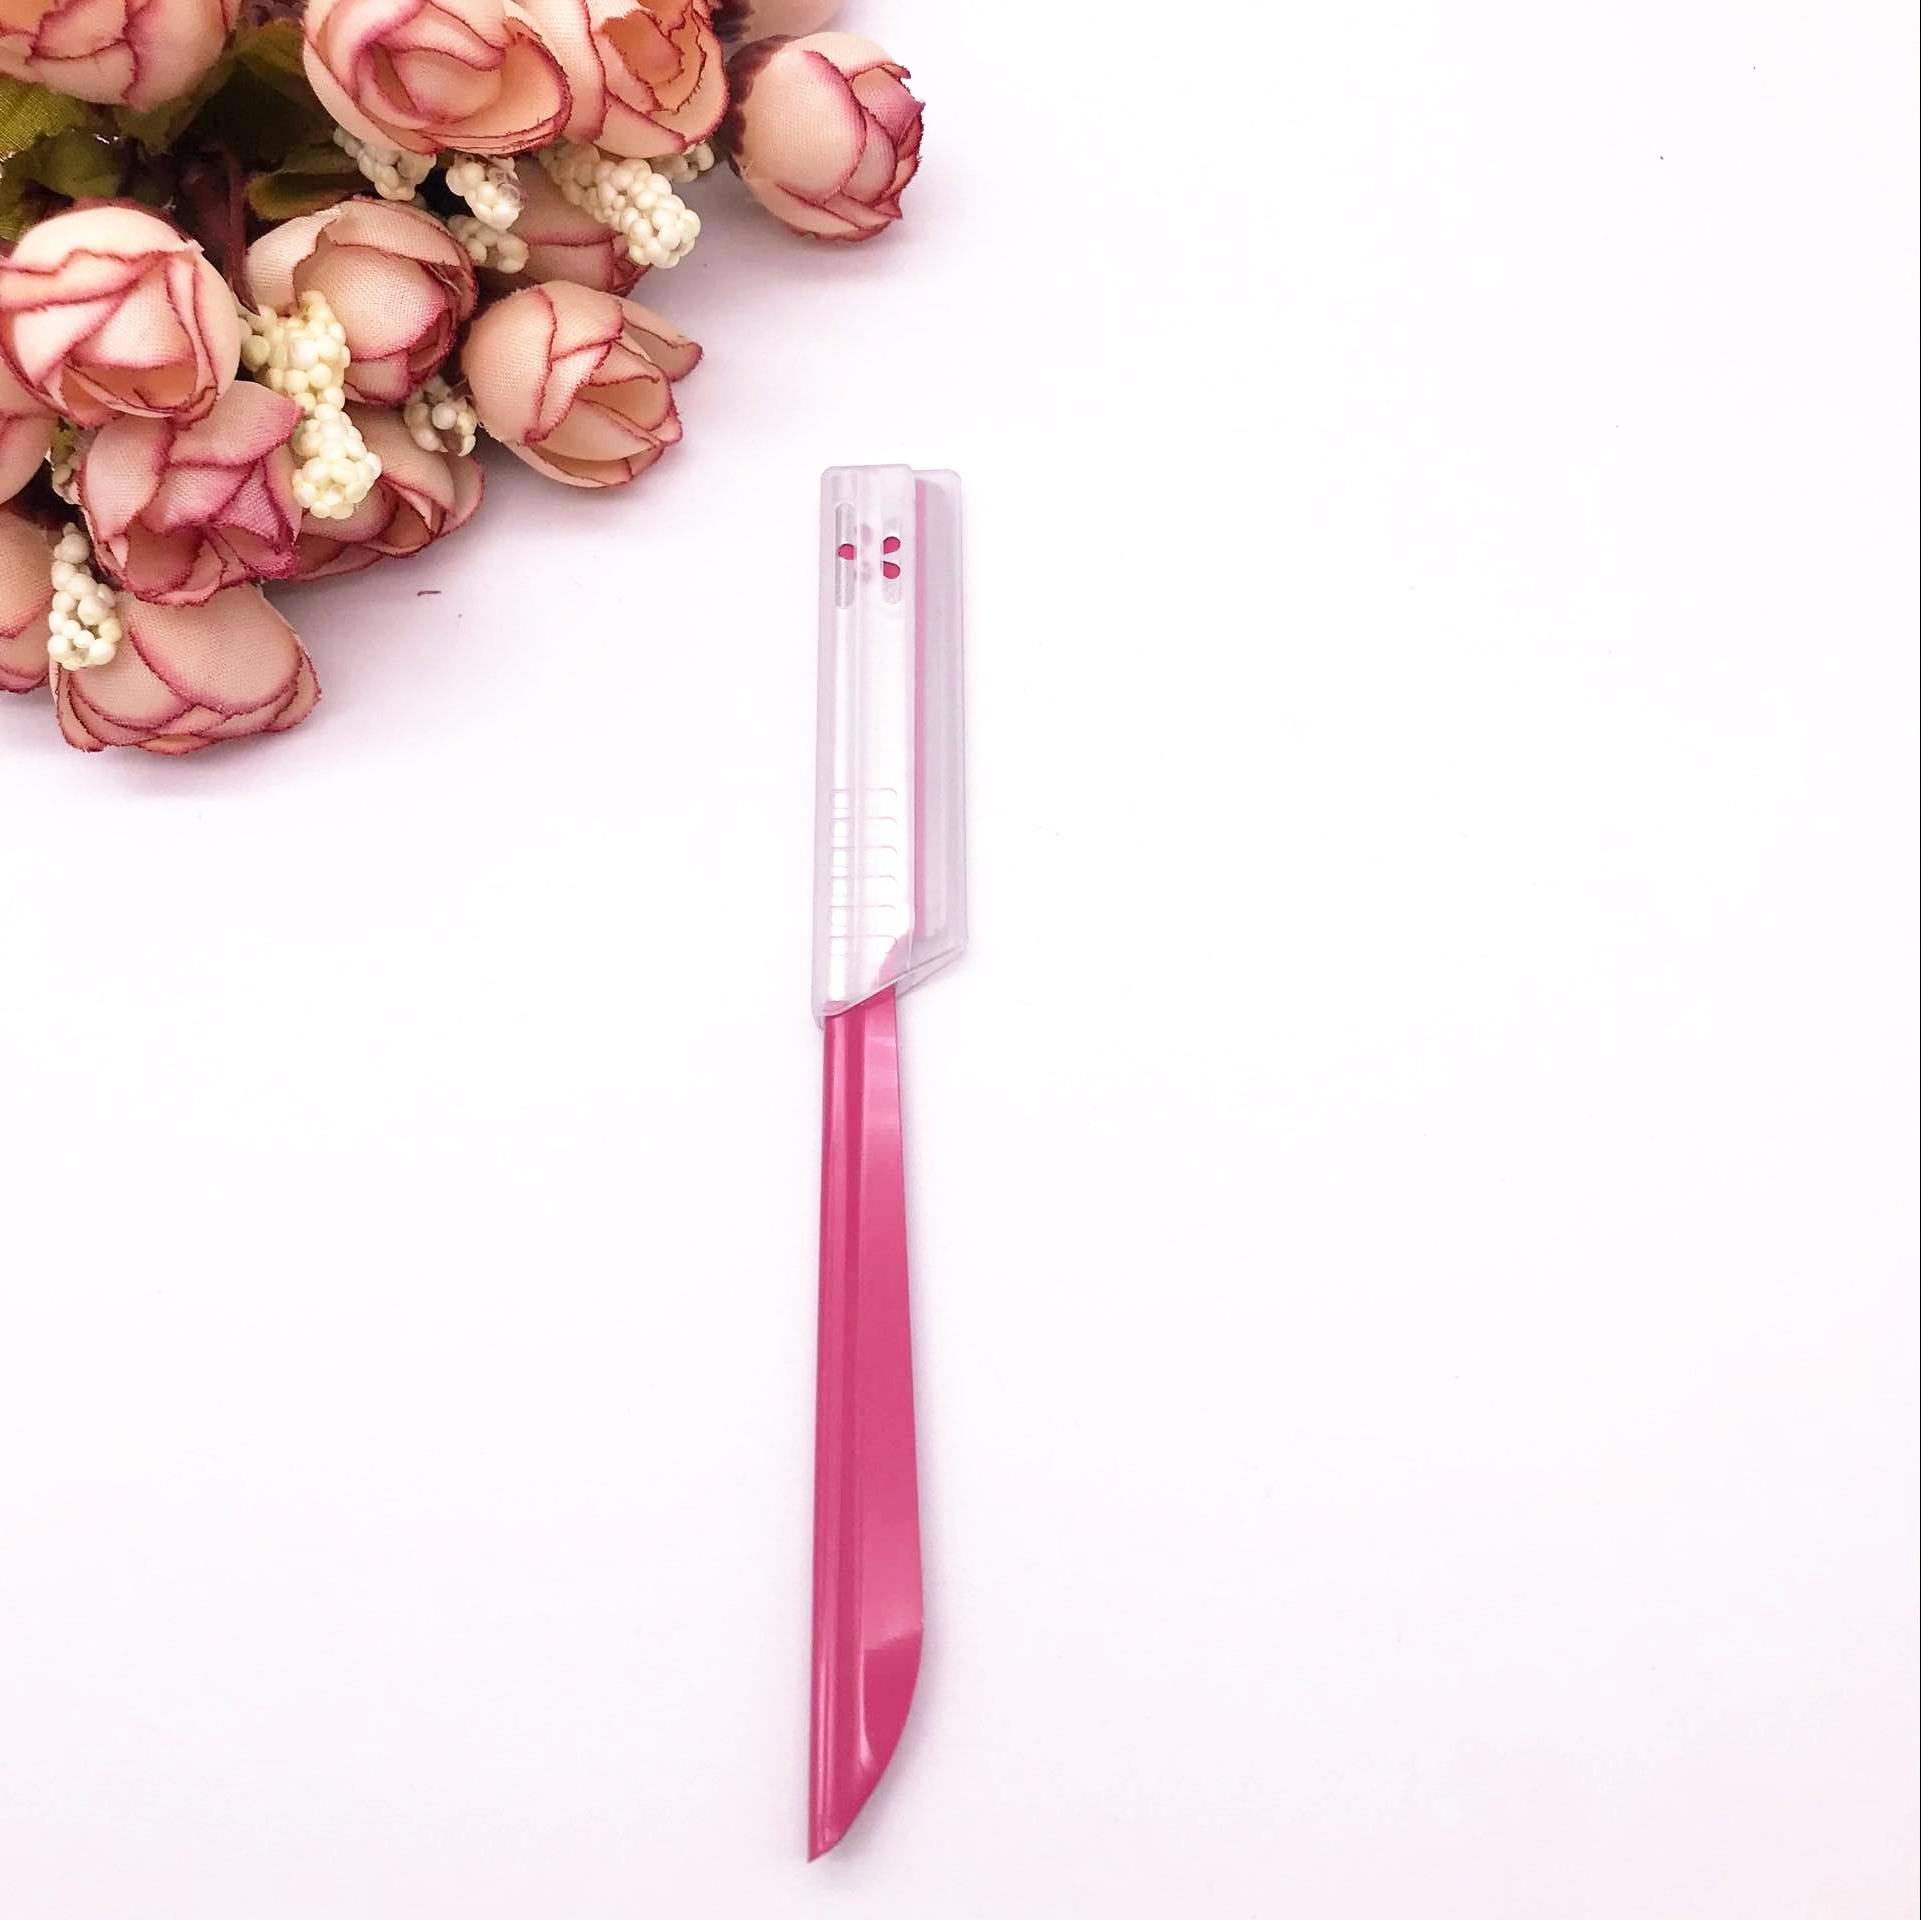 Япония KAI моллюск печать розовый подправлять брови нож нет безопасность чистый ремонт из больше сухой чистый ремонт из хорошо выглядит из бровь